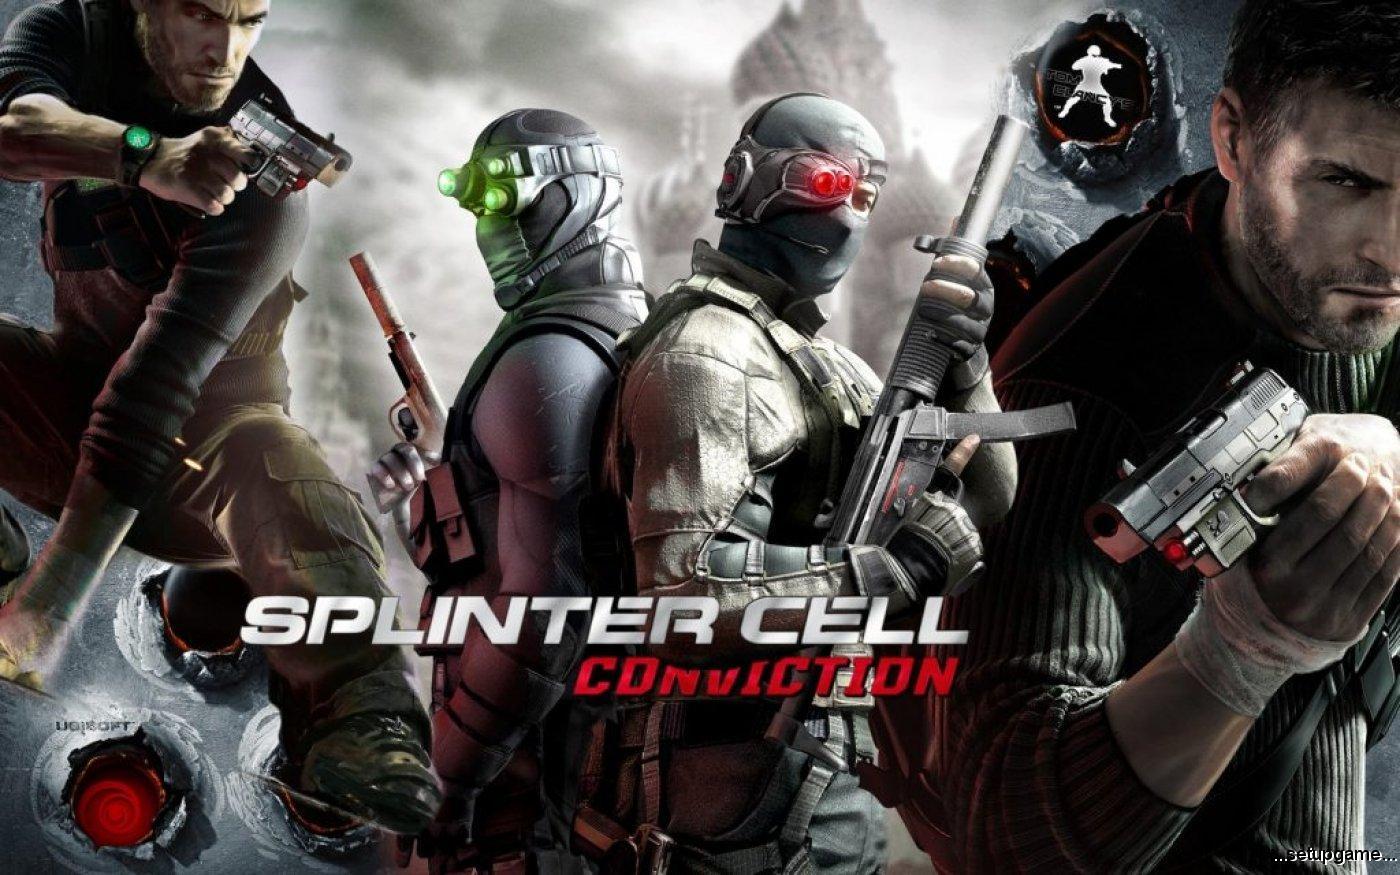 حالا امکان بازی اسپیلنترسل کانویکشن در پلتفرم Xbox One وجود دارد